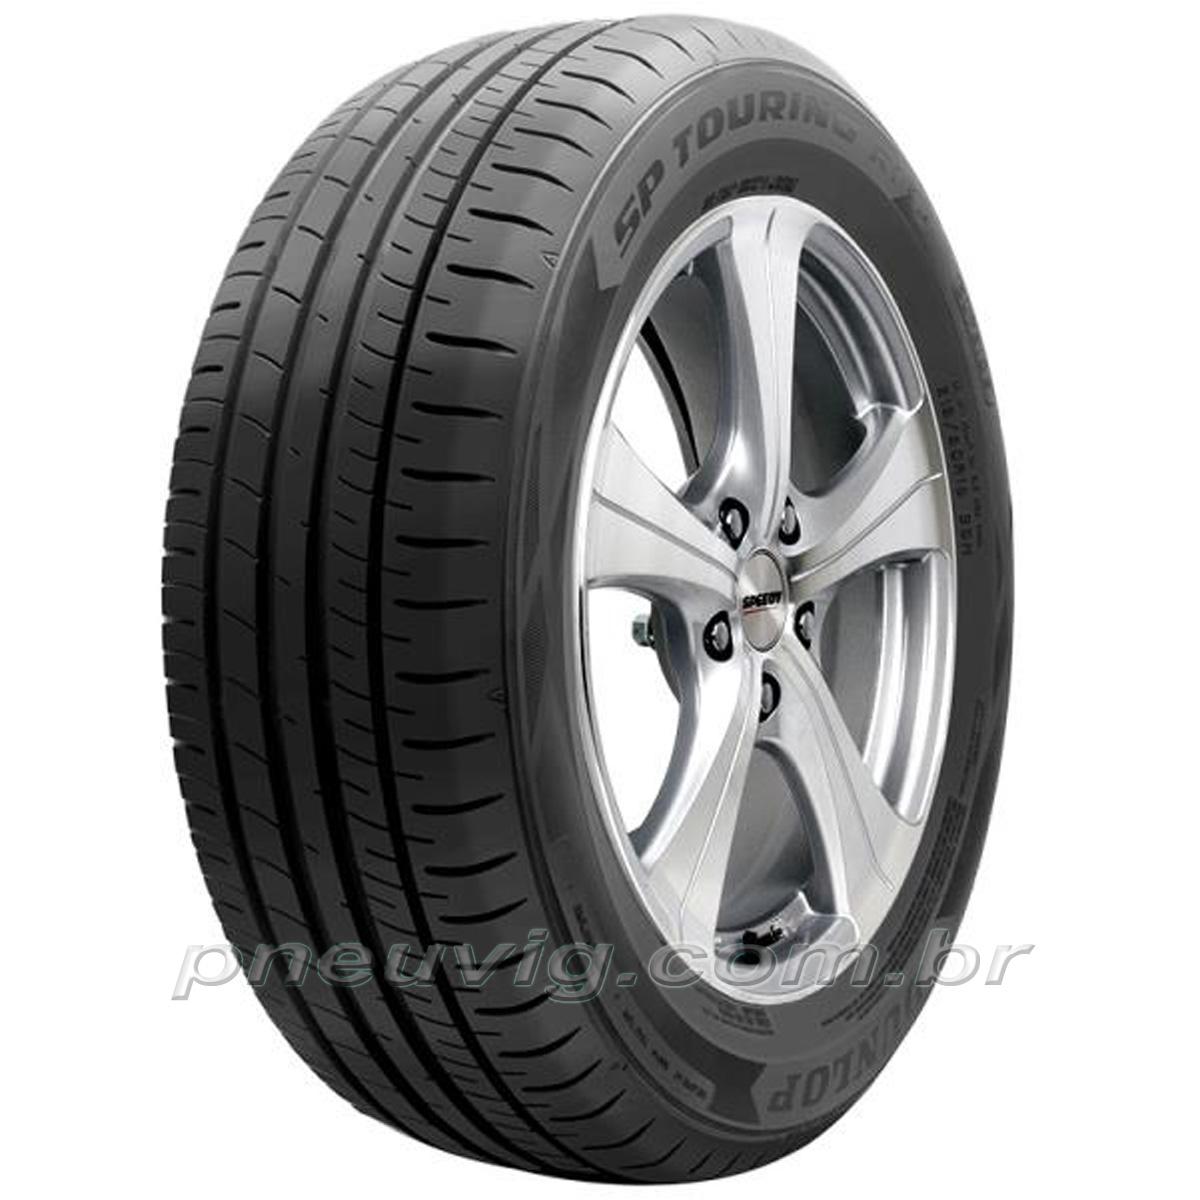 Pneu Dunlop 175/70R13 82T Sp Touring R1